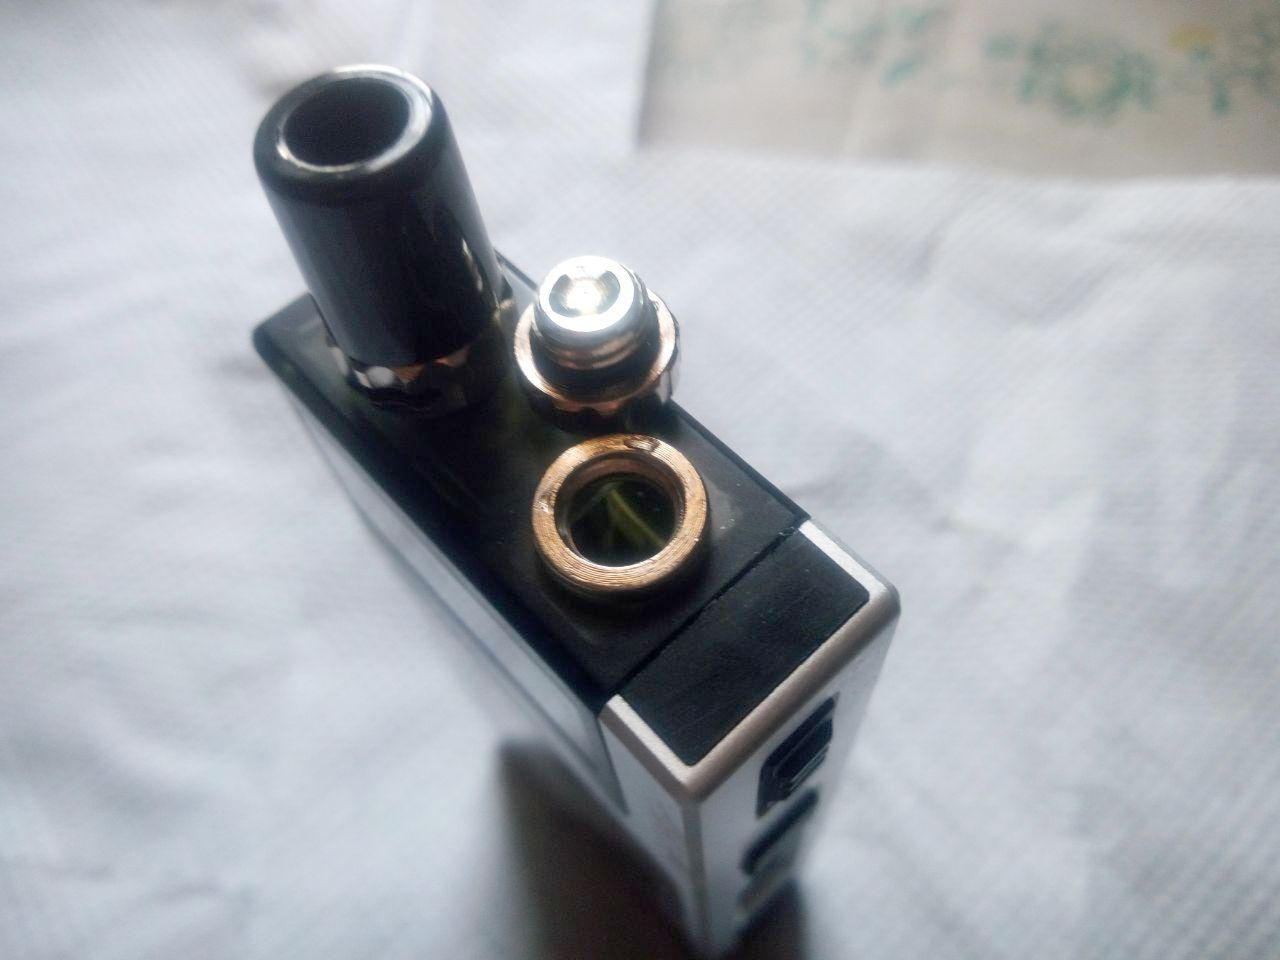 Le kit AIO Q-Ultra de Lost Vape nous propose un kit qui est à la fois complet, pratique à utiliser et suffisamment polyvalent avec son RBA.